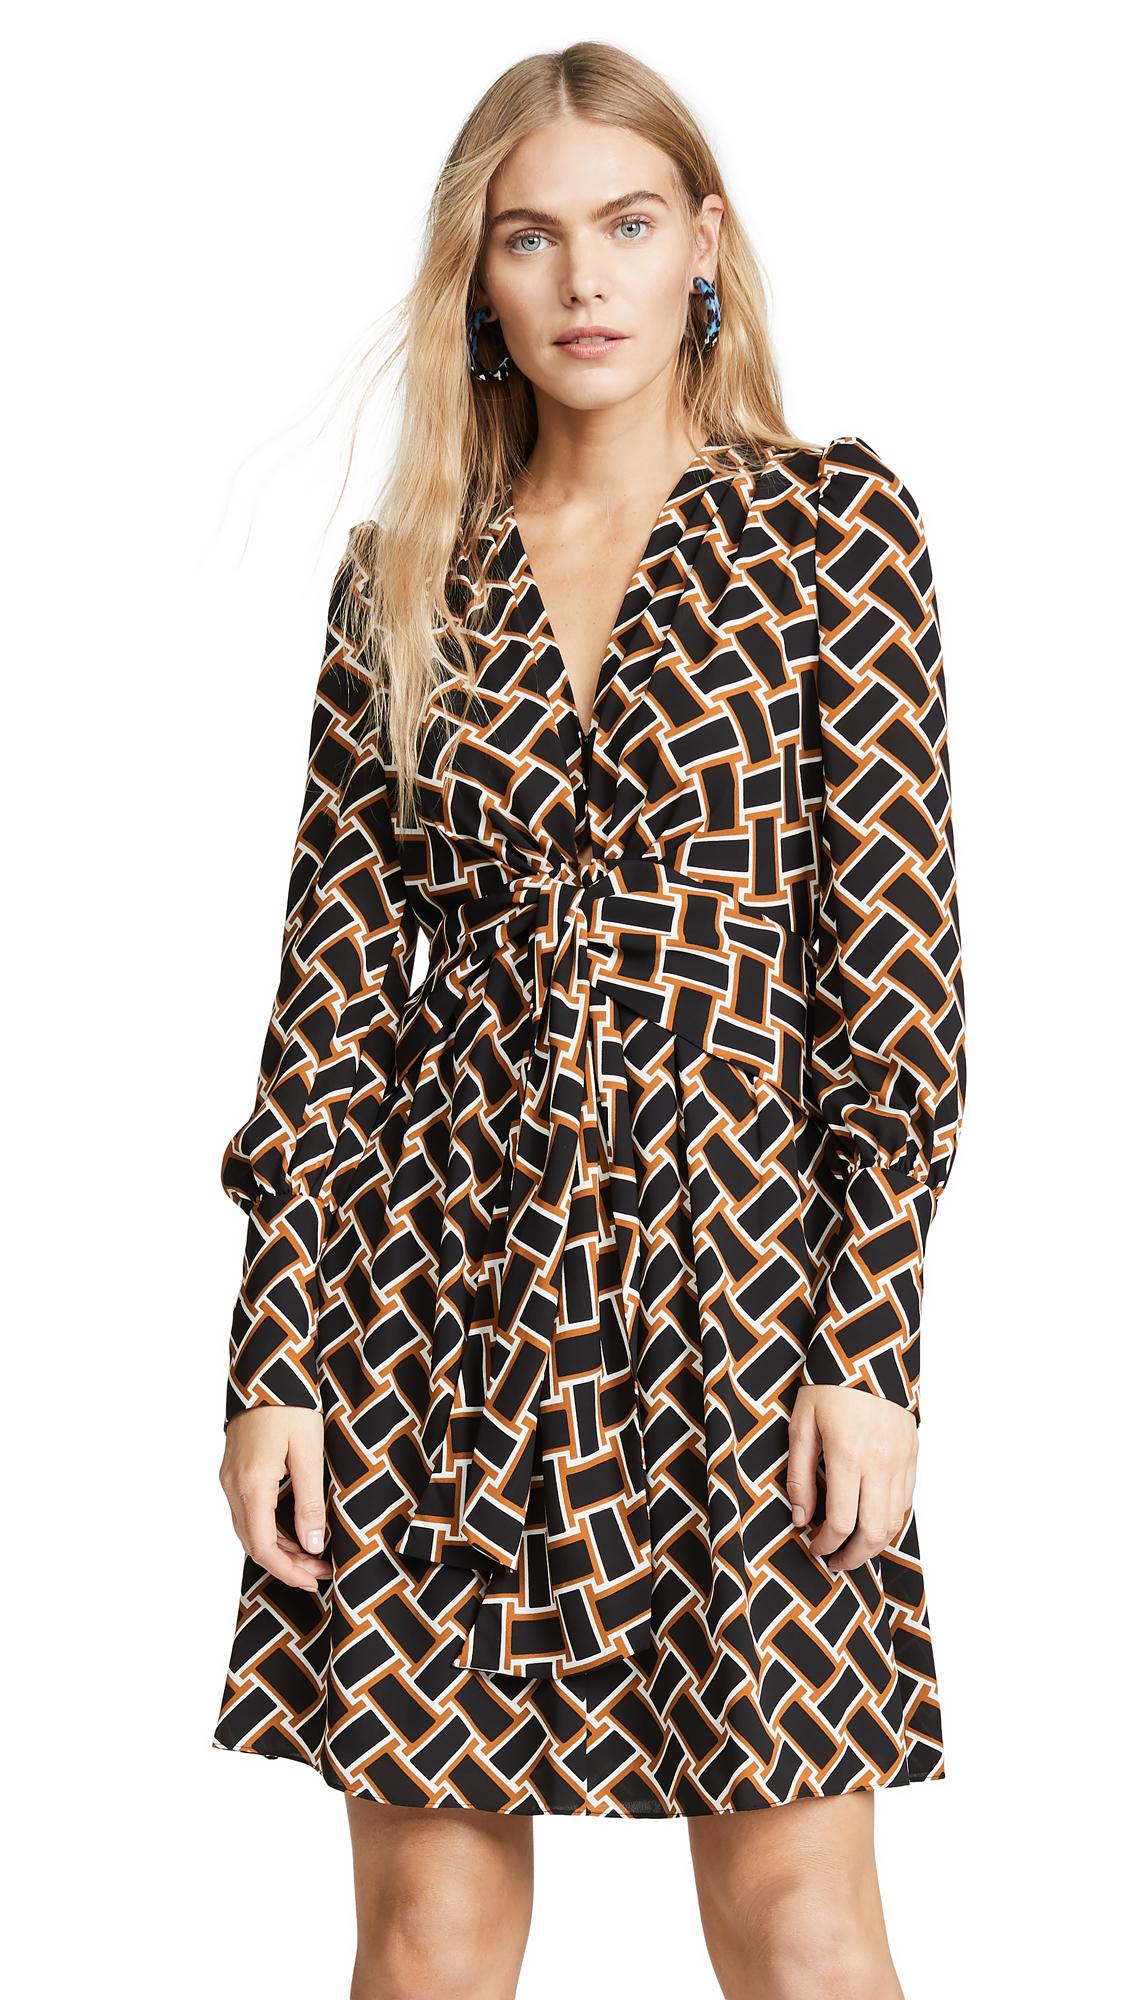 Diane von Furstenberg Maddi Dress - Vintage Weave Cognac